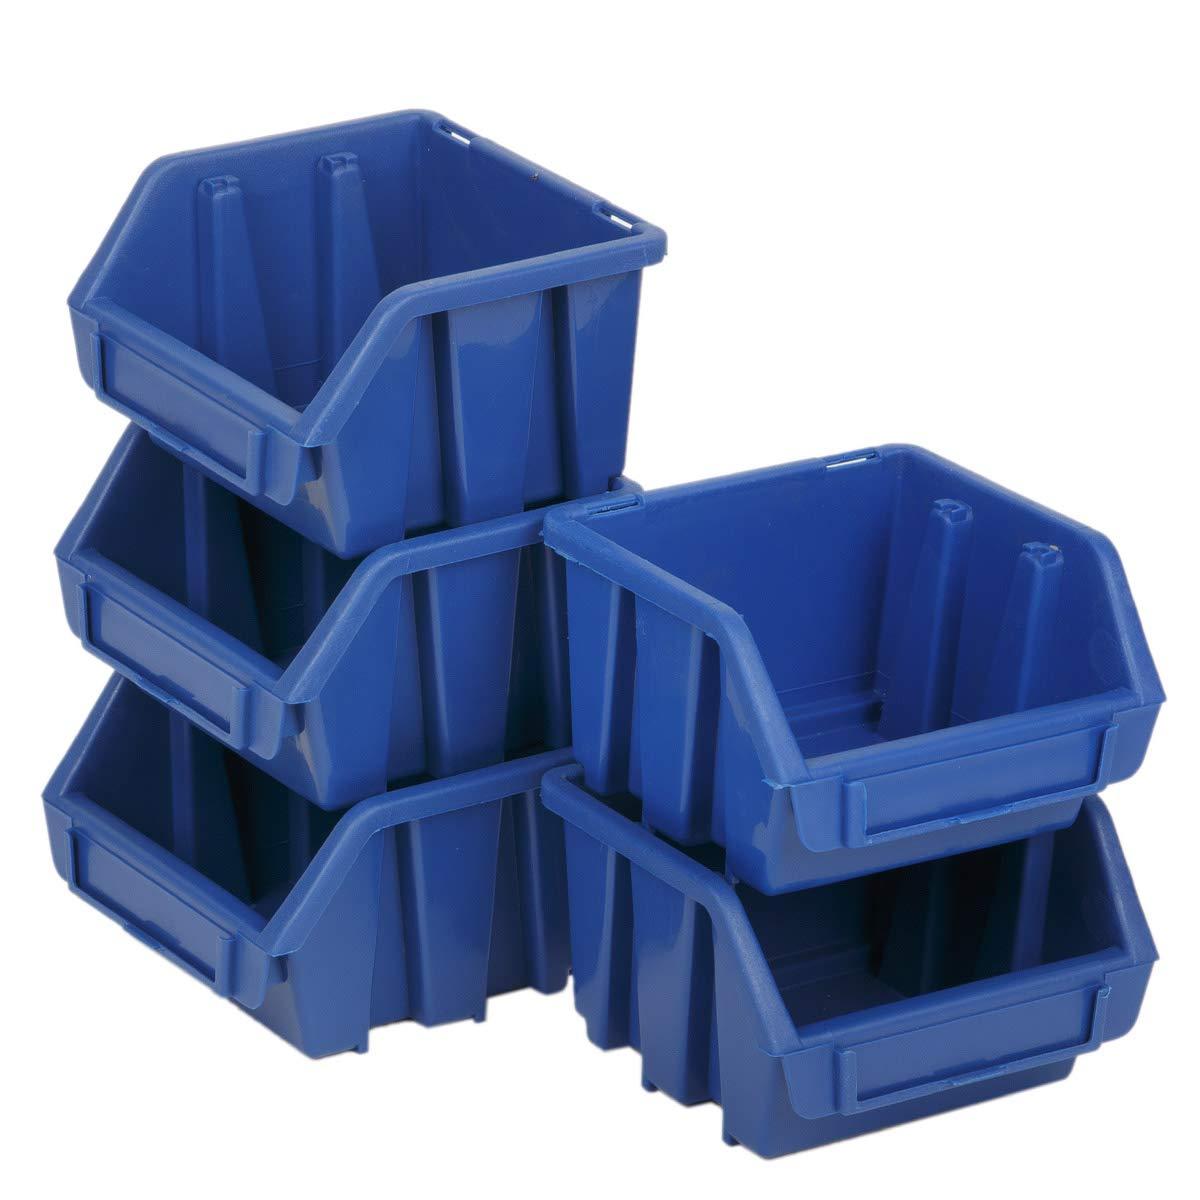 1 Stü ck Blau stabile Schraubenkisten Kleinteilebox Werkstattkiste Sichtlagerbox myBoxshop PL1-6035